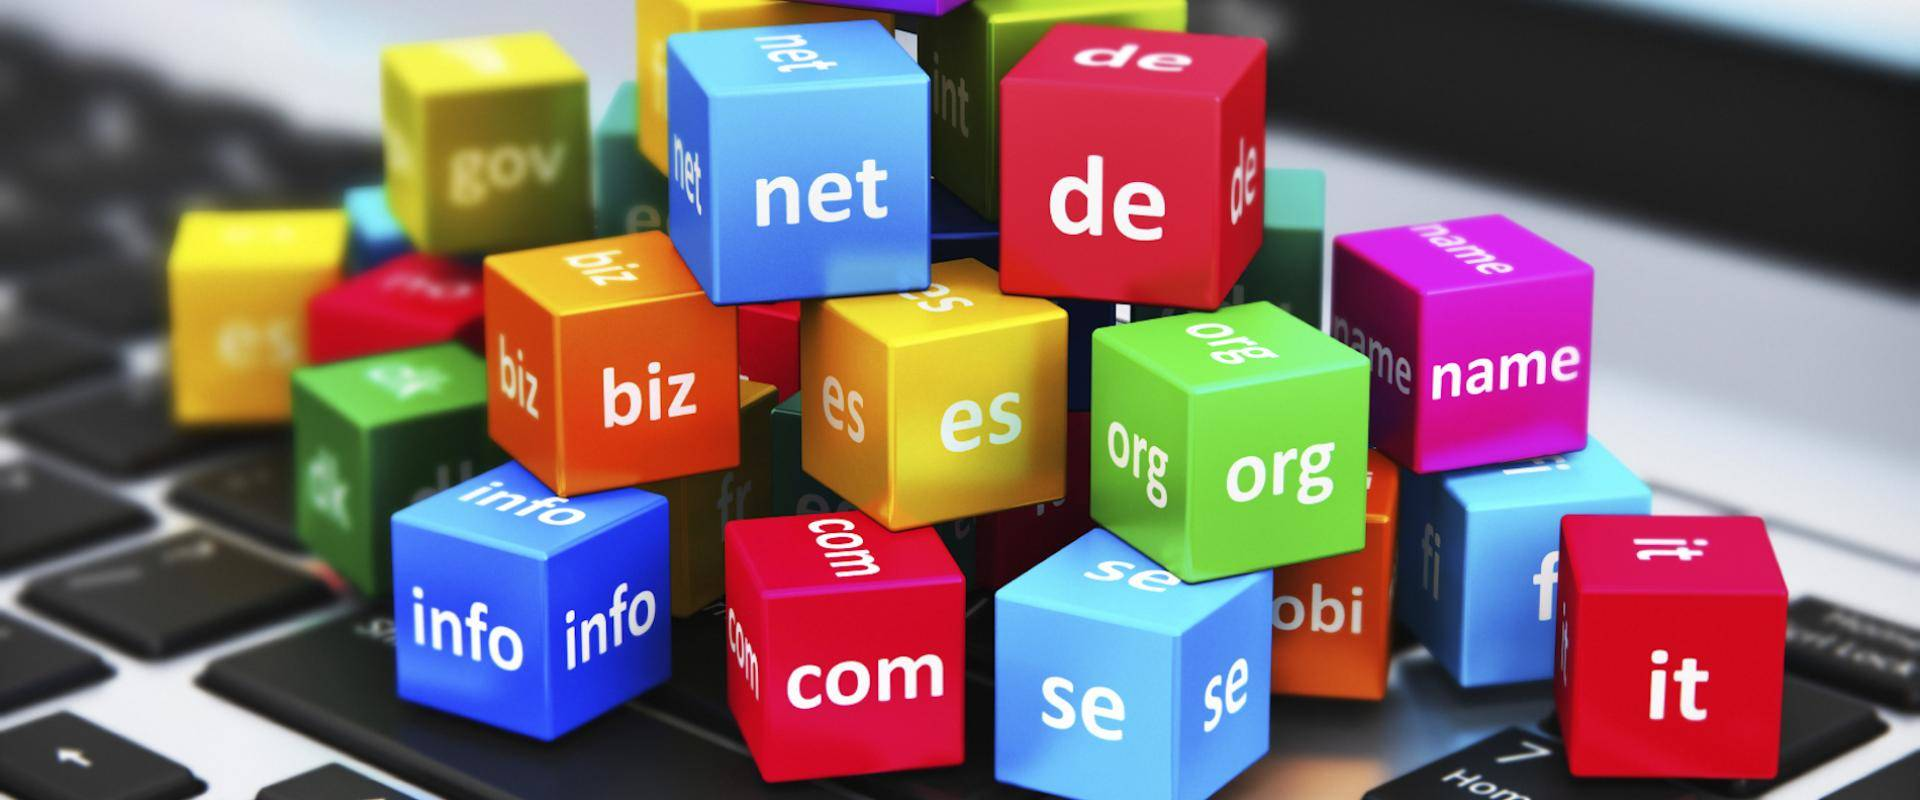 Alan Adı / Domain yönlendirmesi yaptım ama site açılmıyor. - - yonlendirme, domain, cmd, alan adı